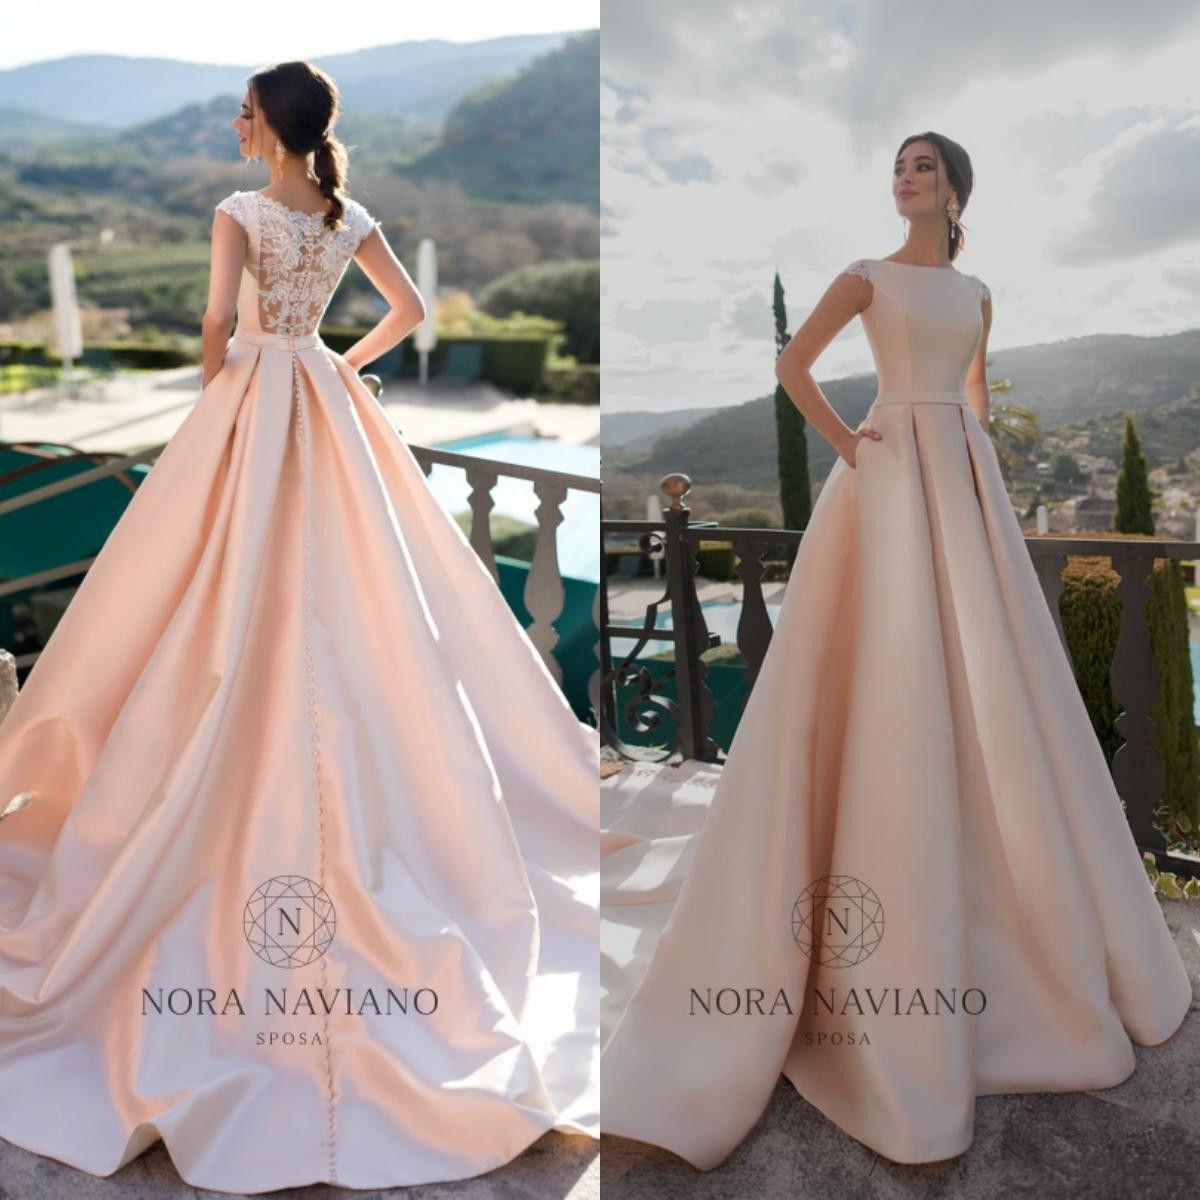 Nora Naviano 2019 Um casamento Linha Vestidos Lace Applique Voltar Cap Sleeve Trem da varredura vestidos de noiva Plus Size Robe De Mariée